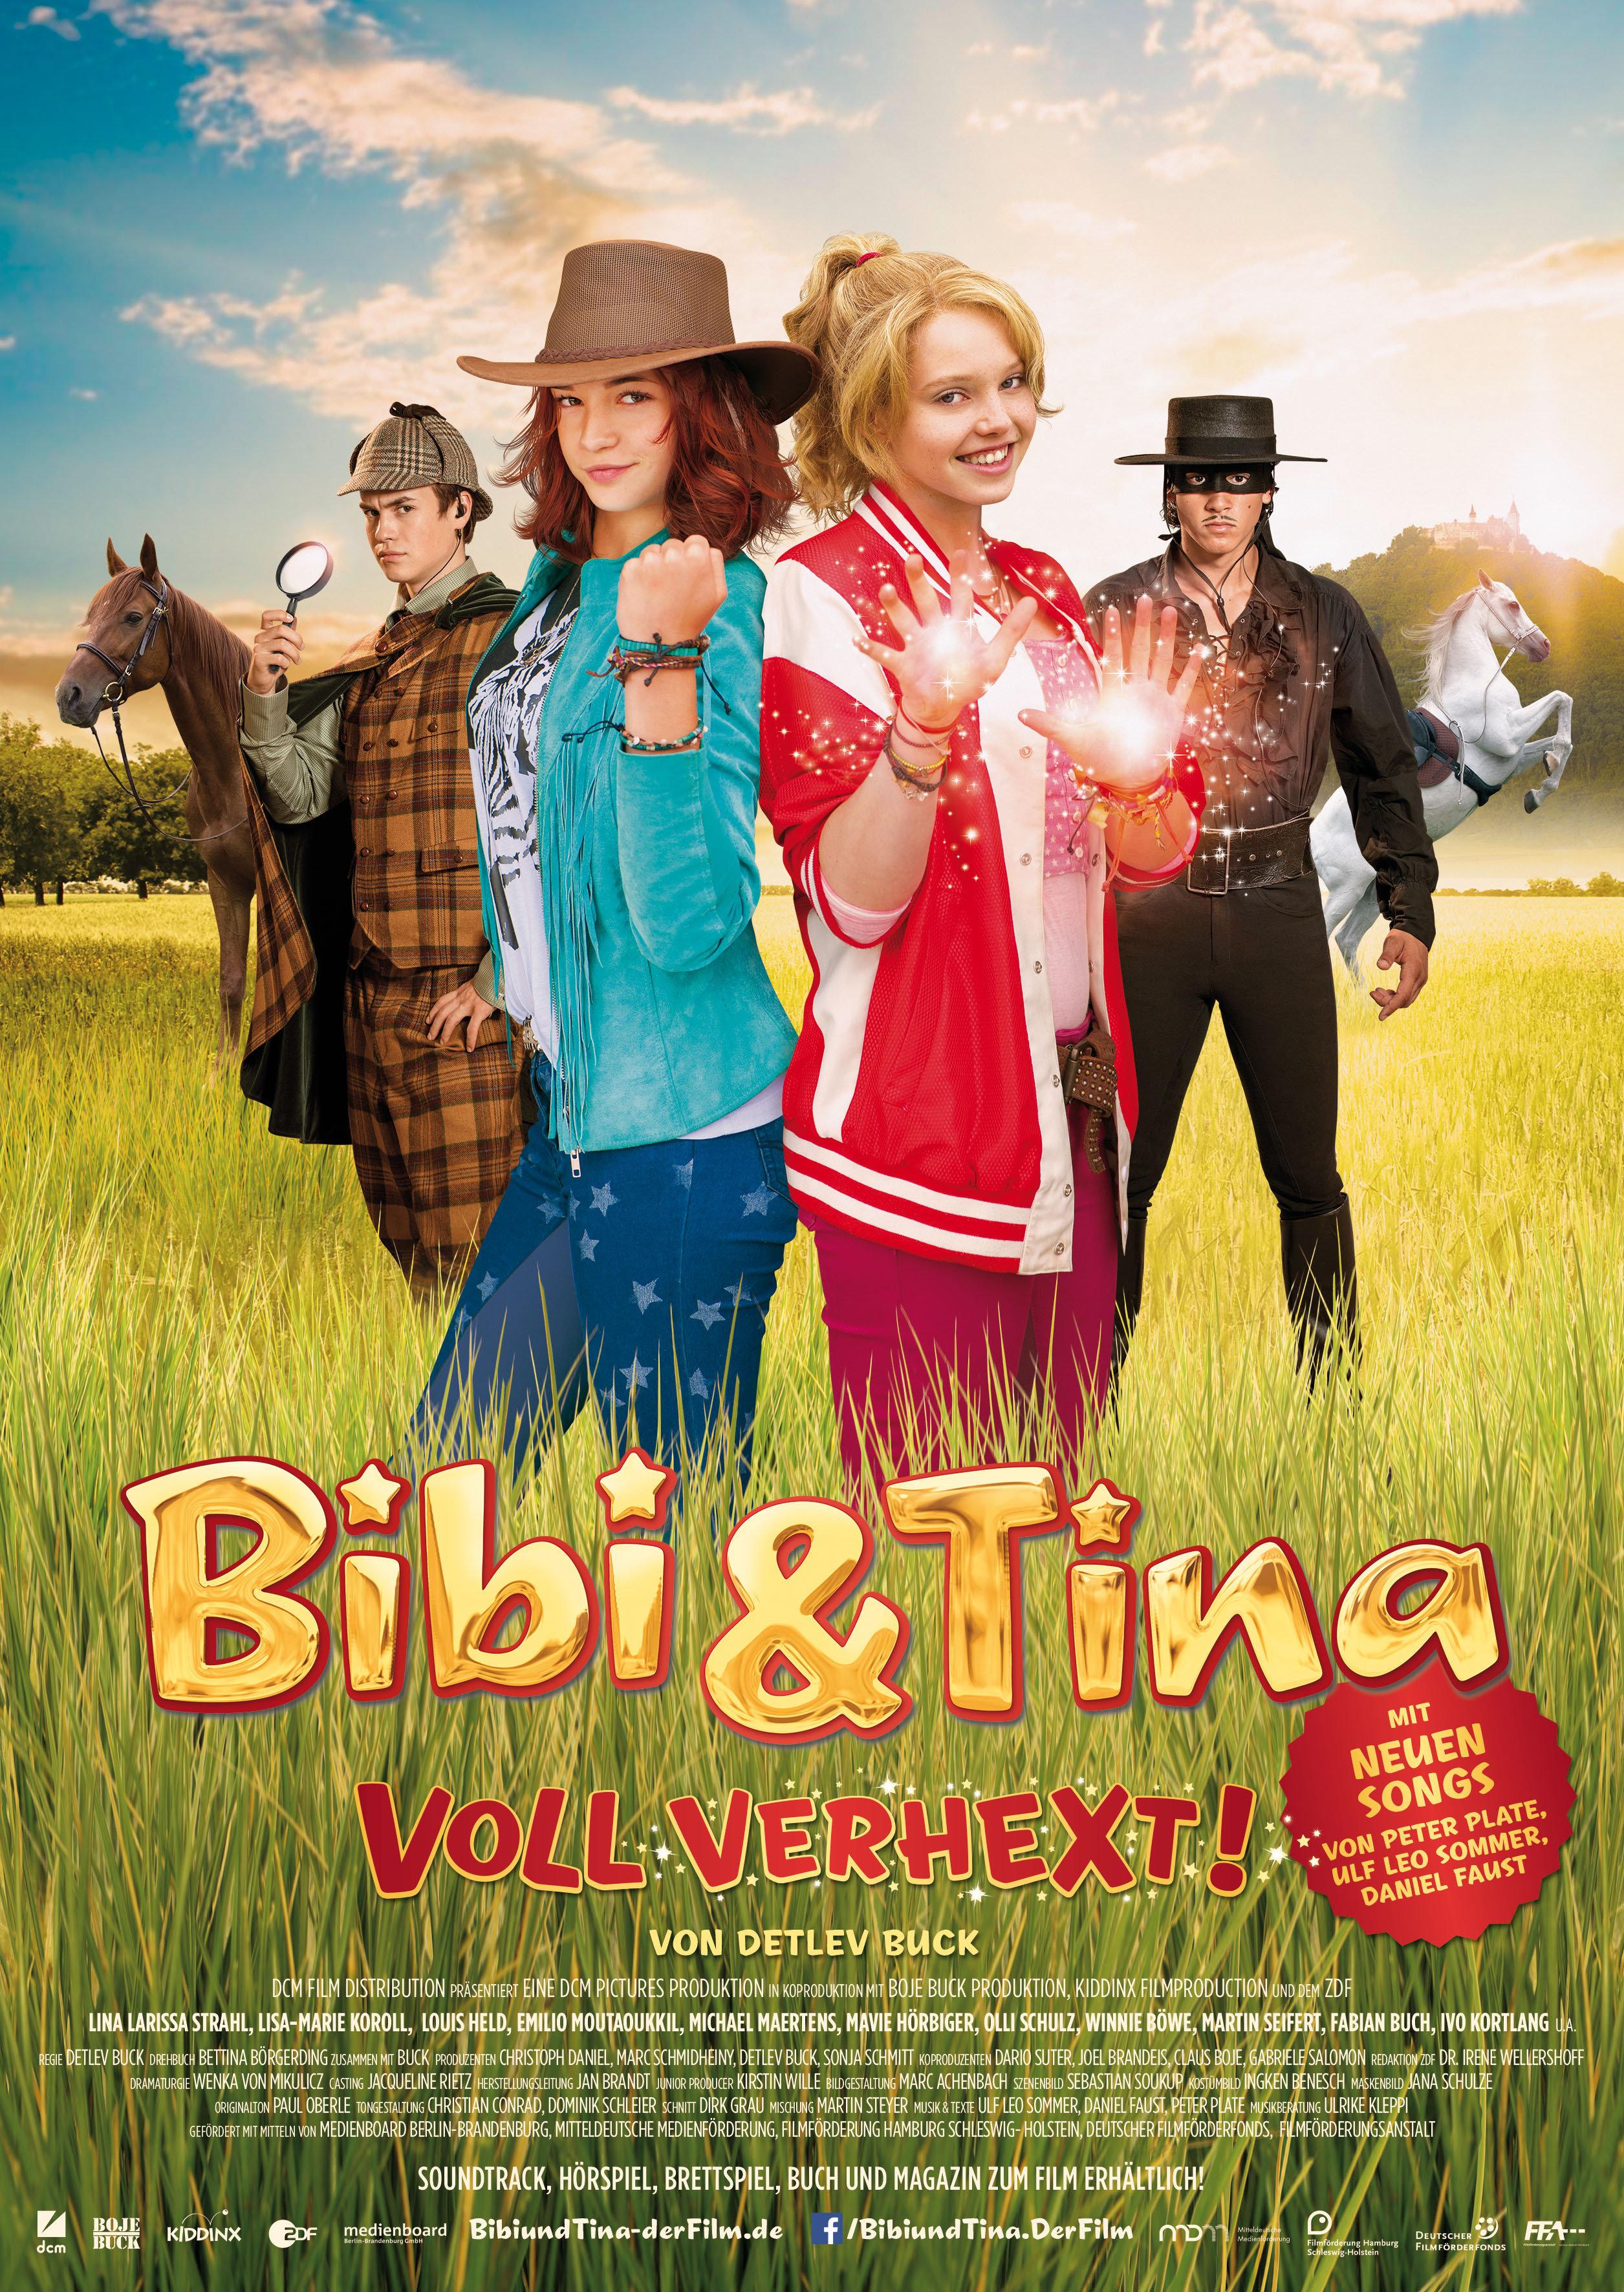 Bebė ir Tina. beviltiškai užkerėti (2014) / Bibi & Tina voll verhext! online